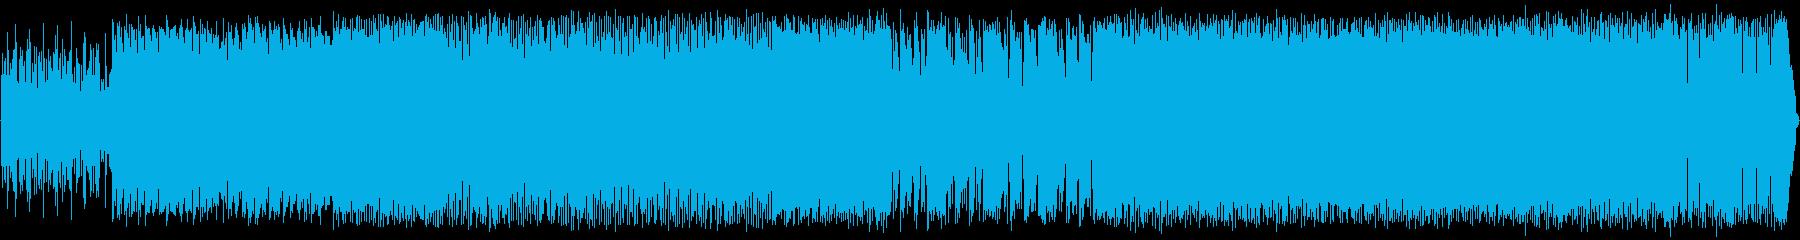 エレクトロロックインスト高騰-動機...の再生済みの波形